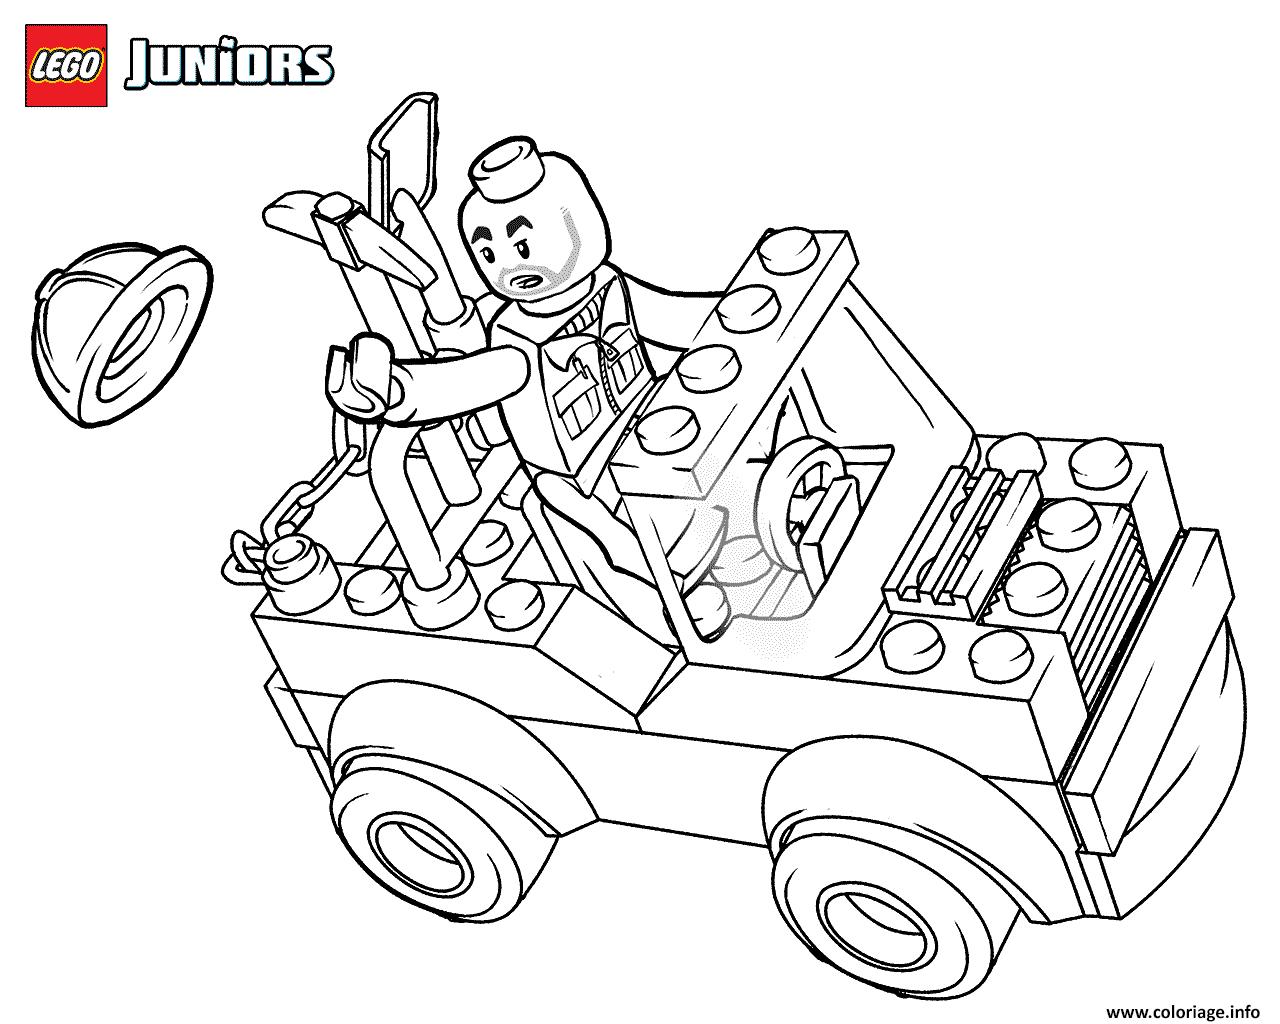 Dessin lego construction mini truck Coloriage Gratuit à Imprimer